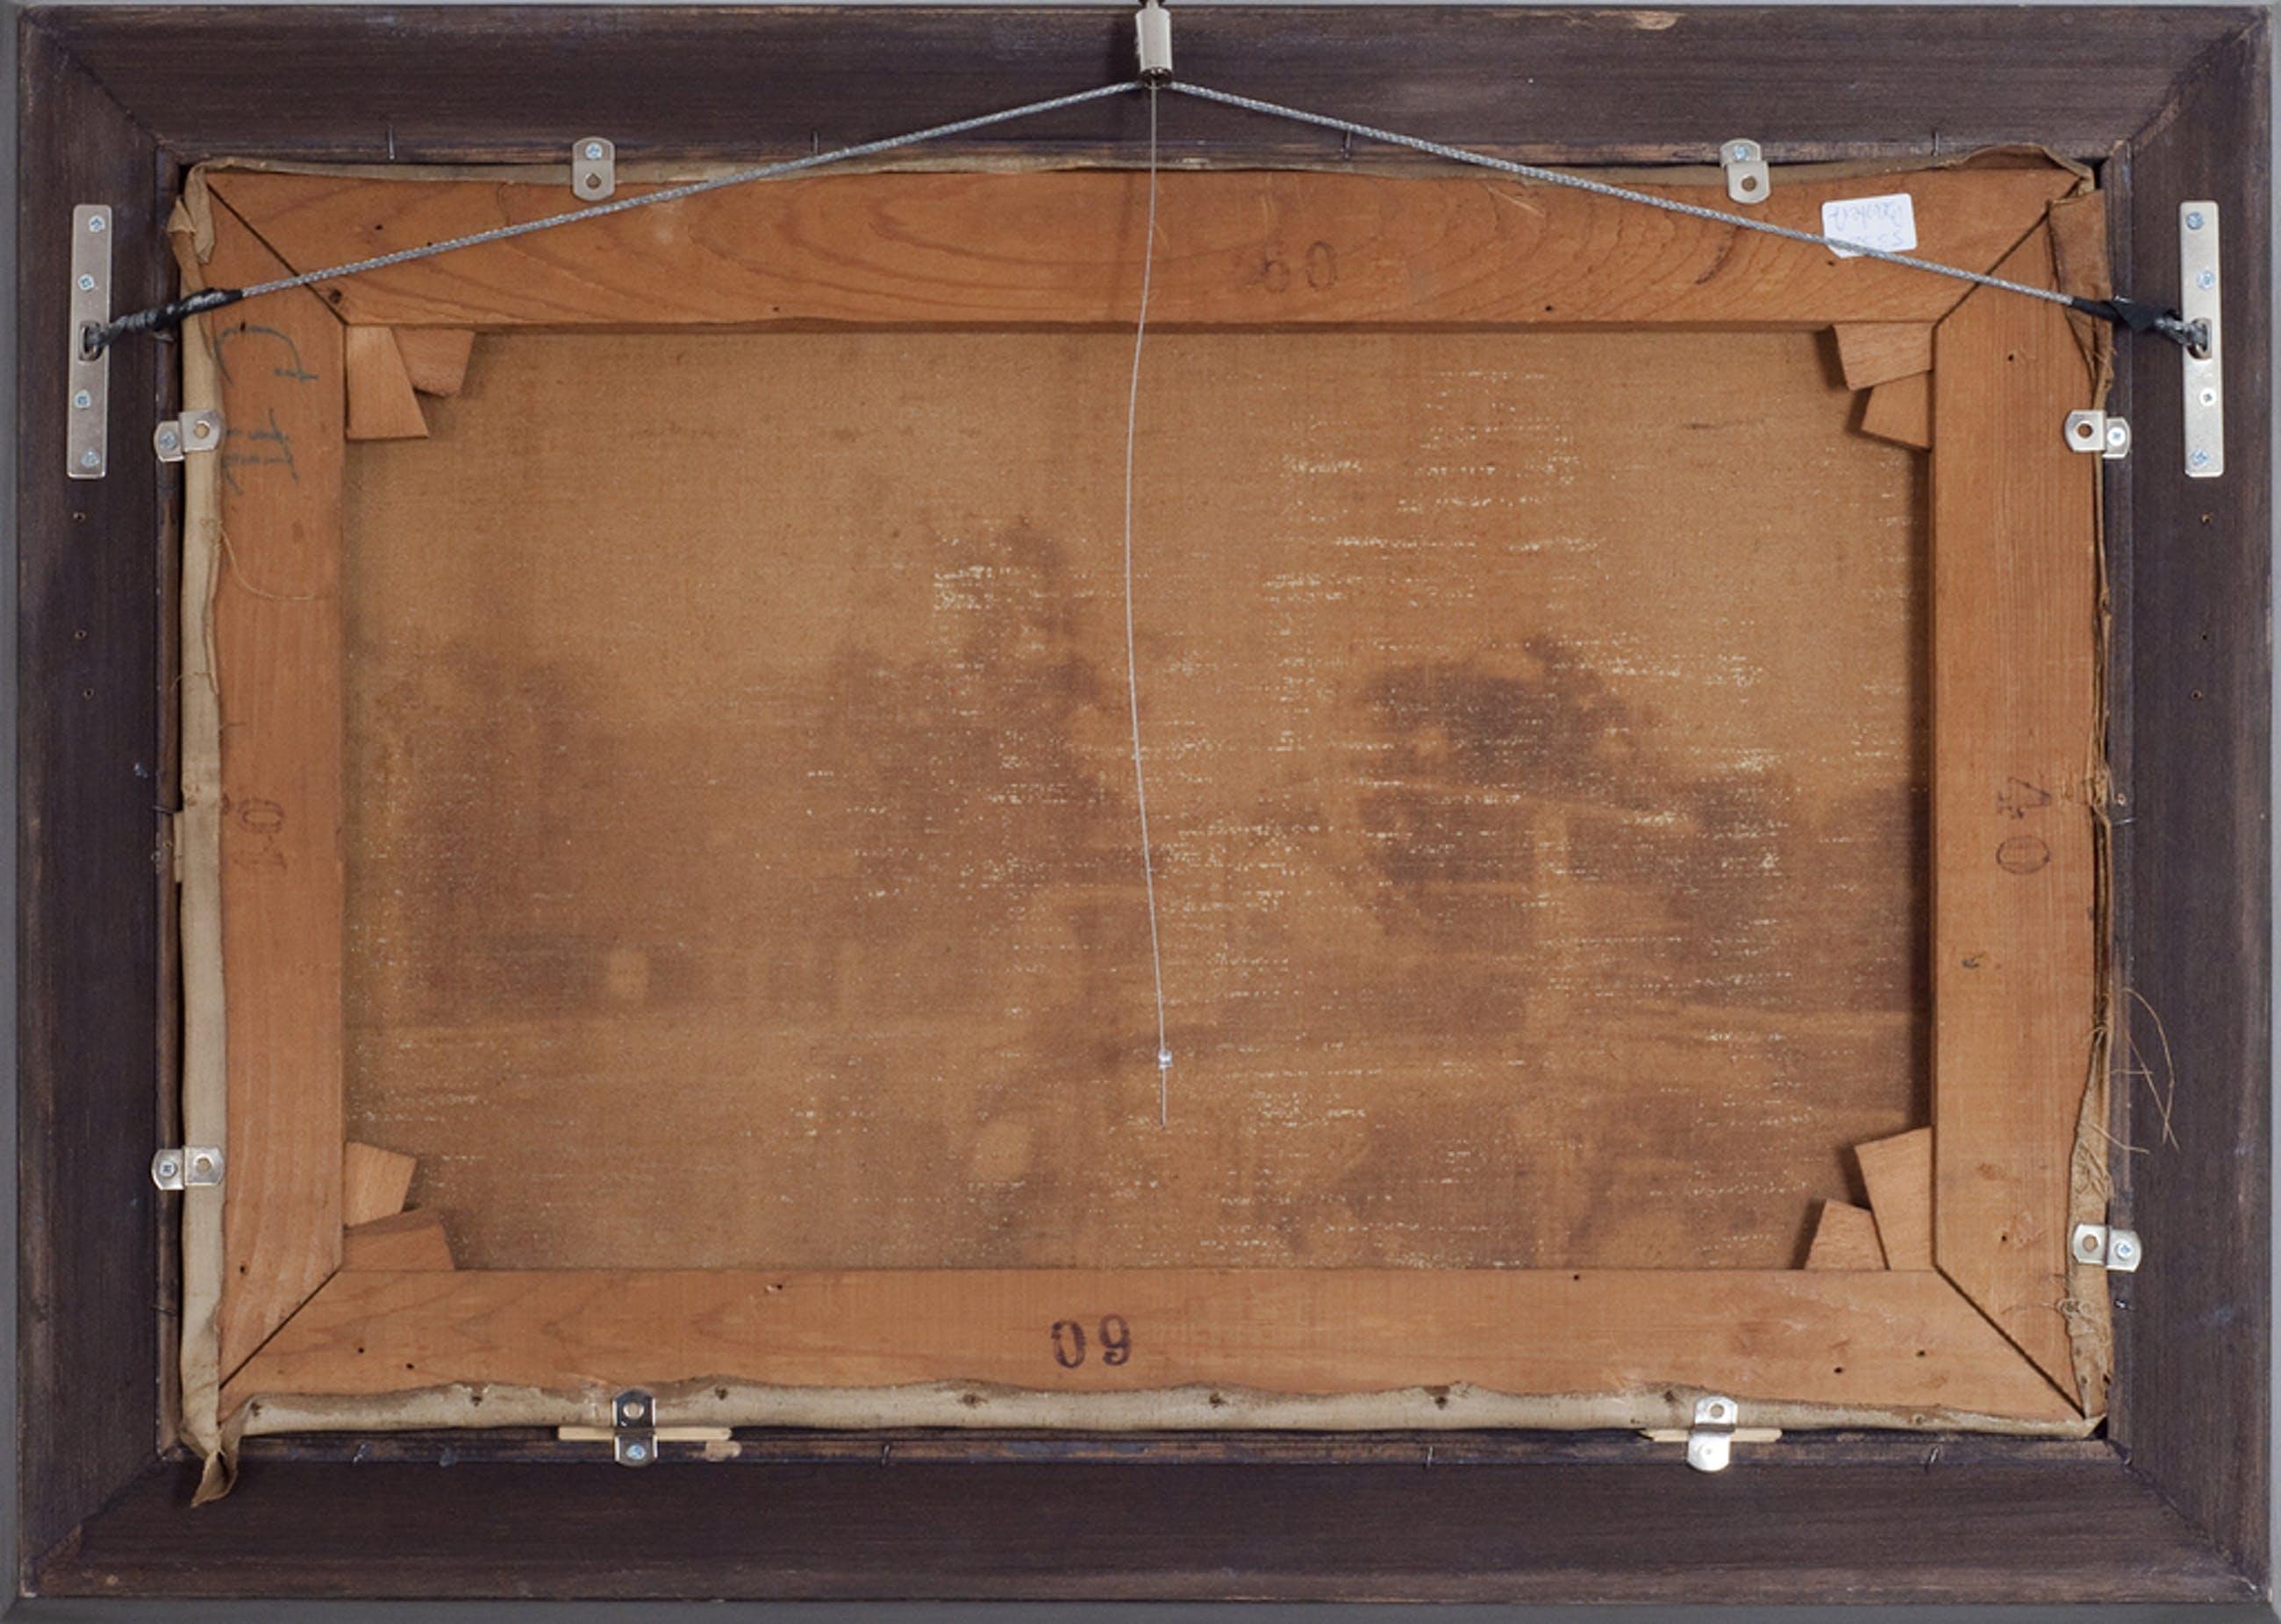 Nicolaas Bastert (1854 - 1939), Brug over de vecht, olieverf op doek kopen? Bied vanaf 4200!